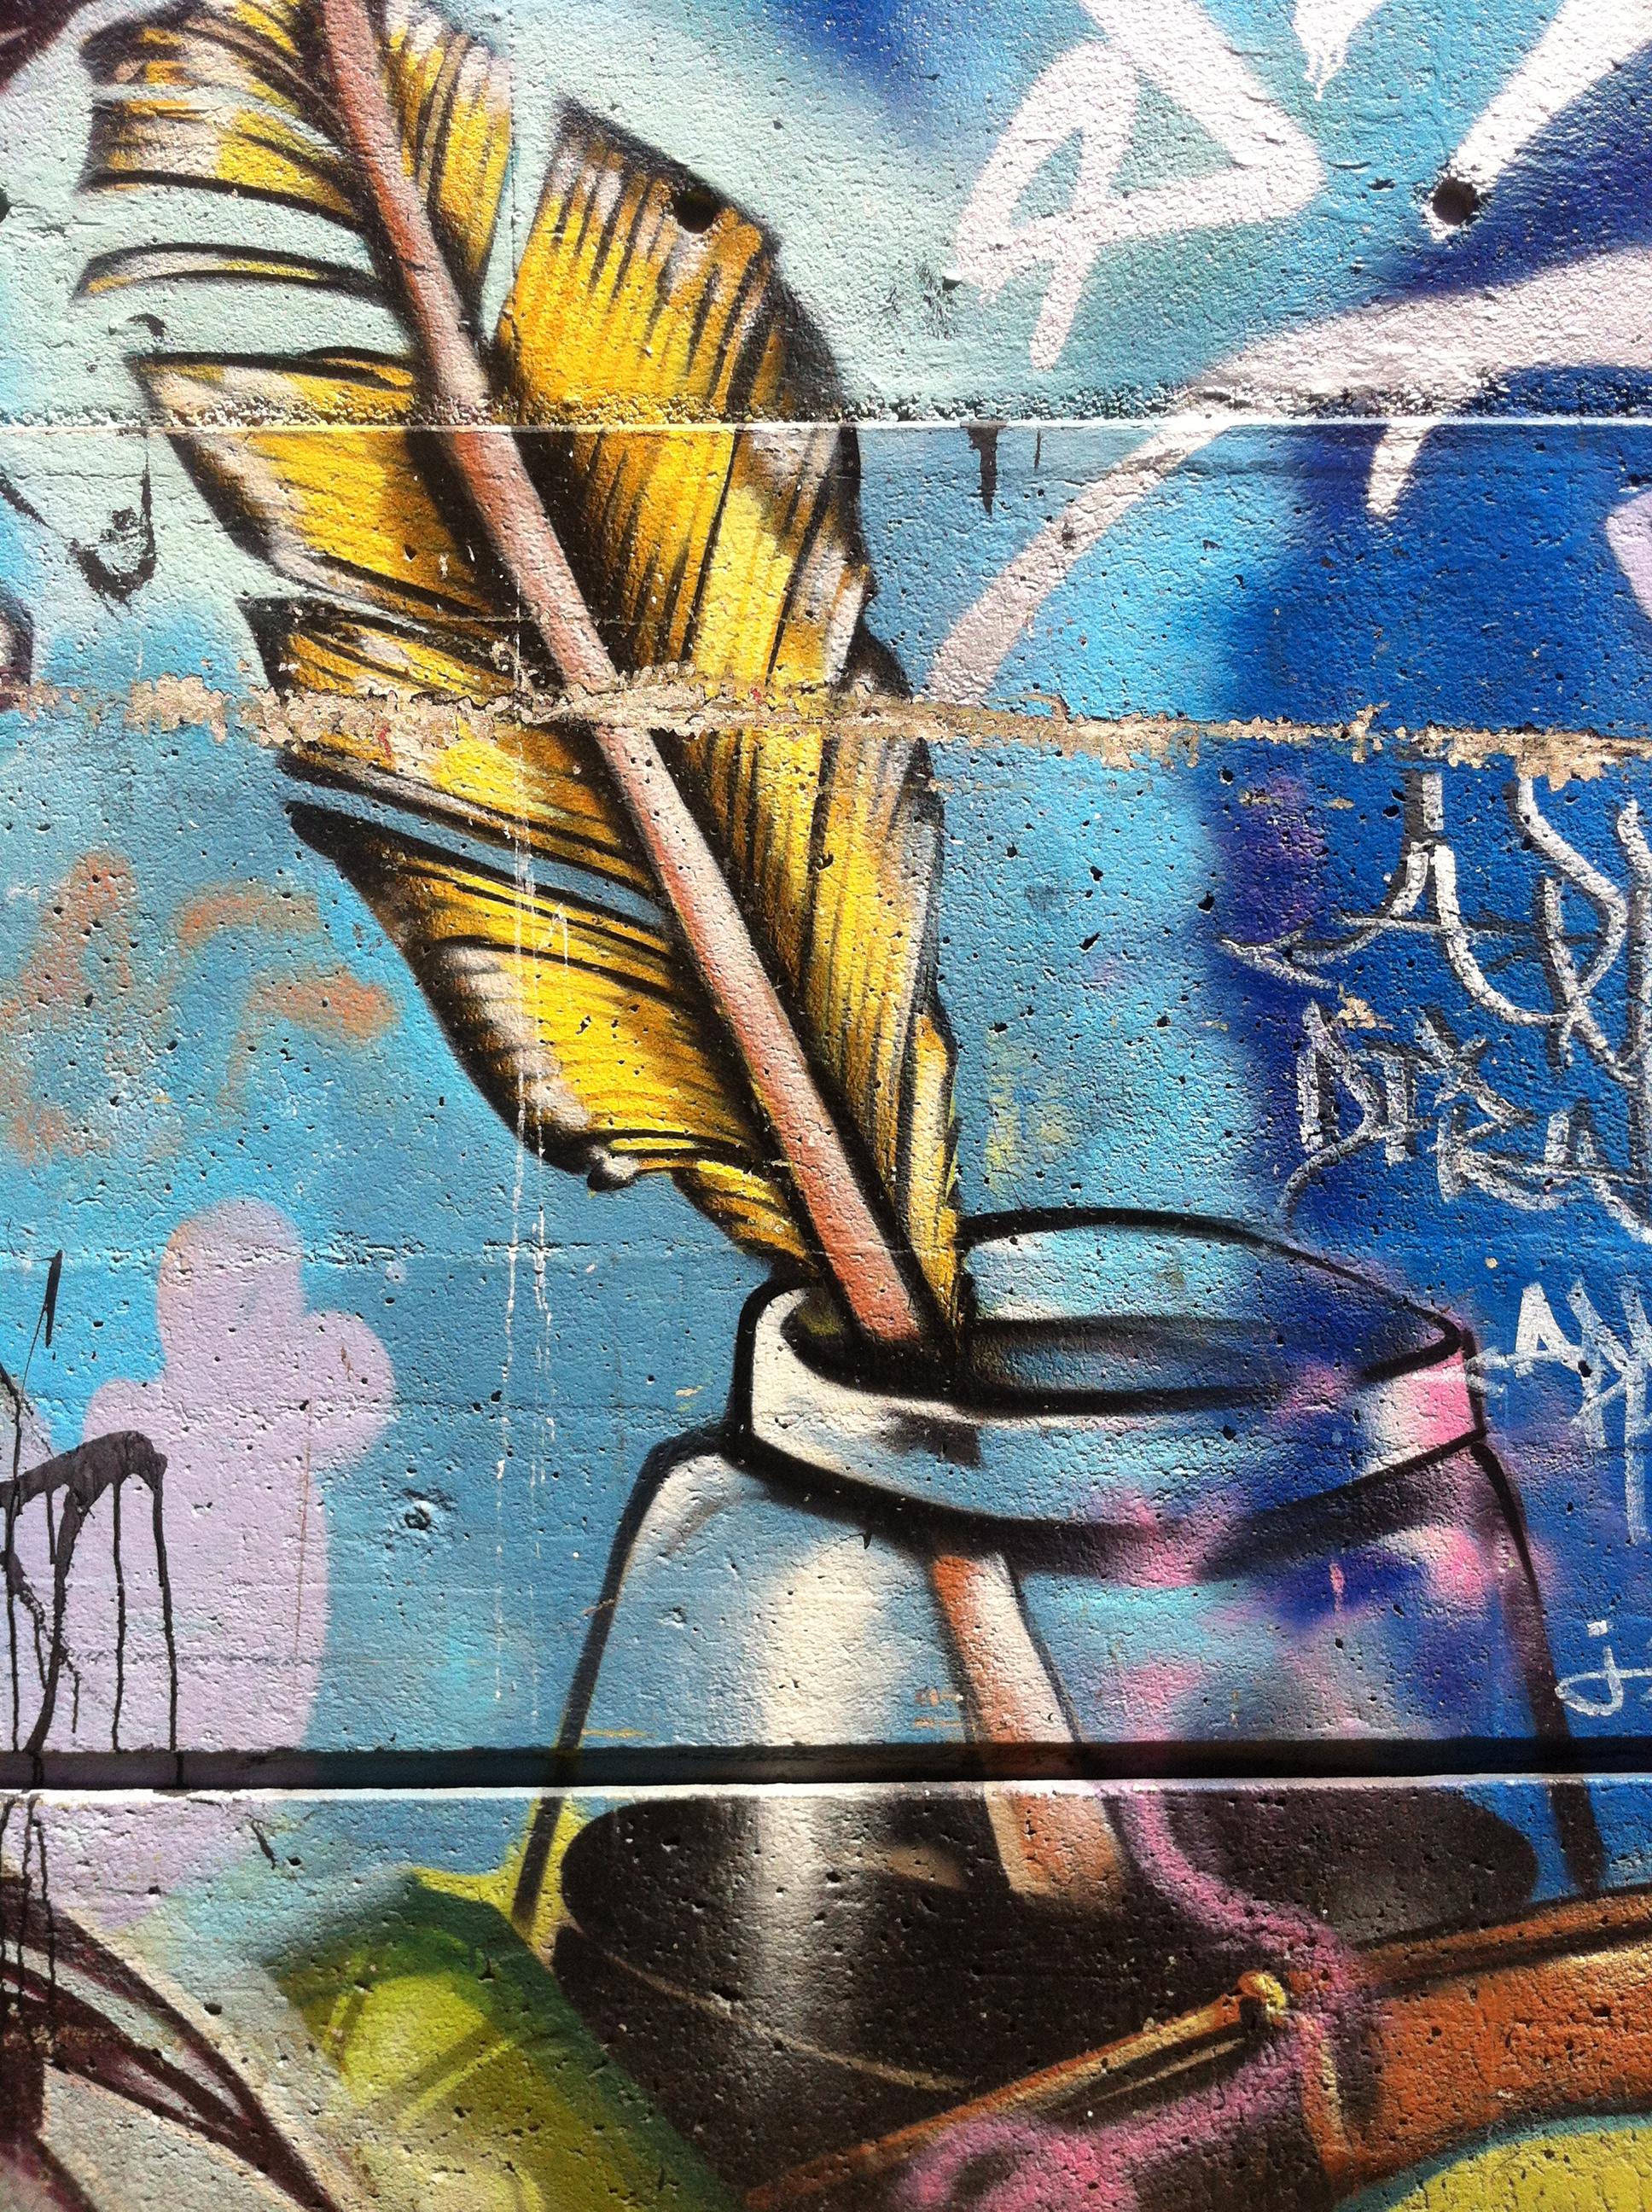 28. Street Art Scene in Vancouver